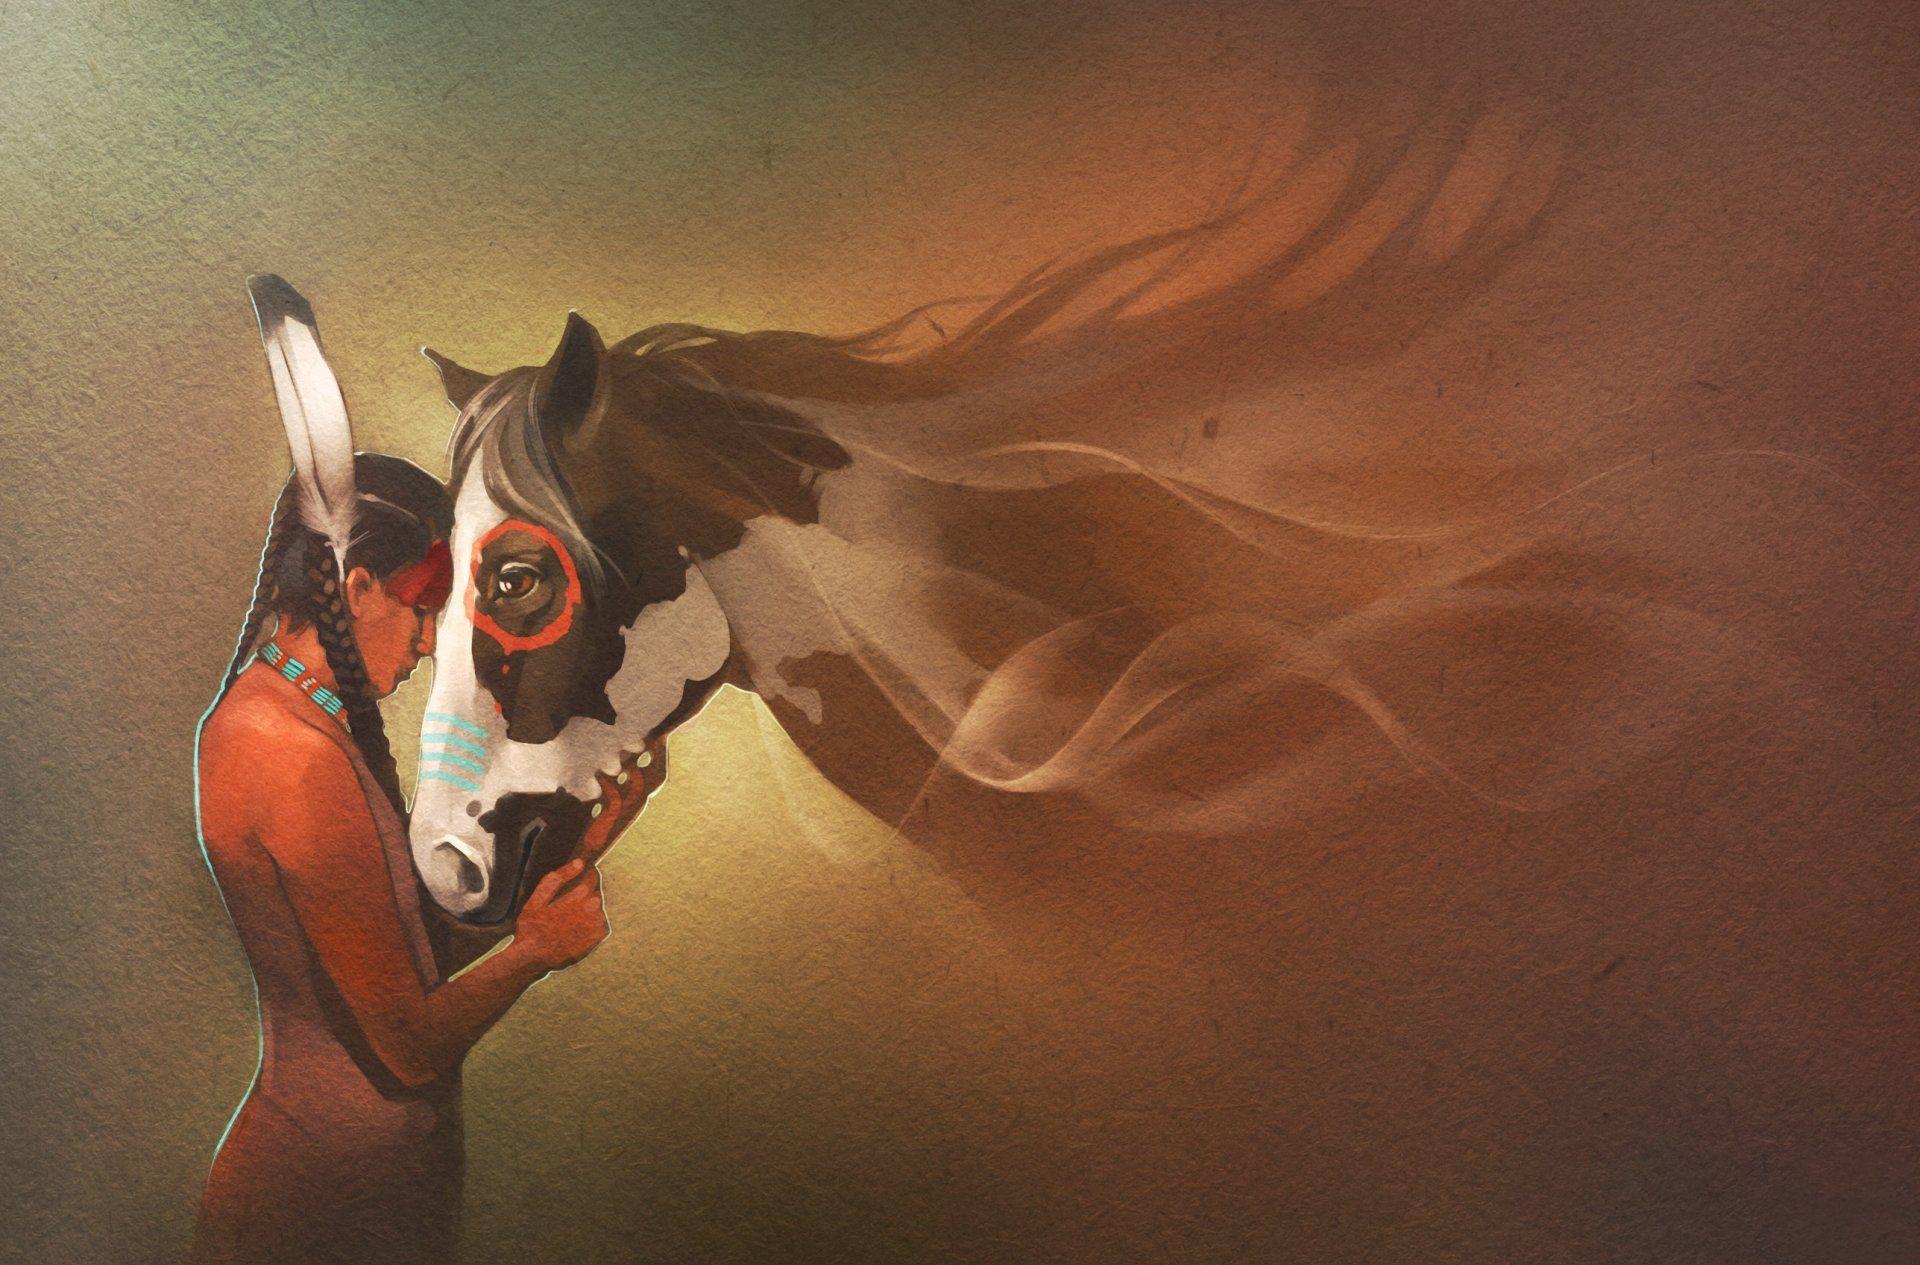 Fantastic Wallpaper Horse Art - a6d65dd0550d776f4810c5ecf9632eb2  Pictures_94393.jpg